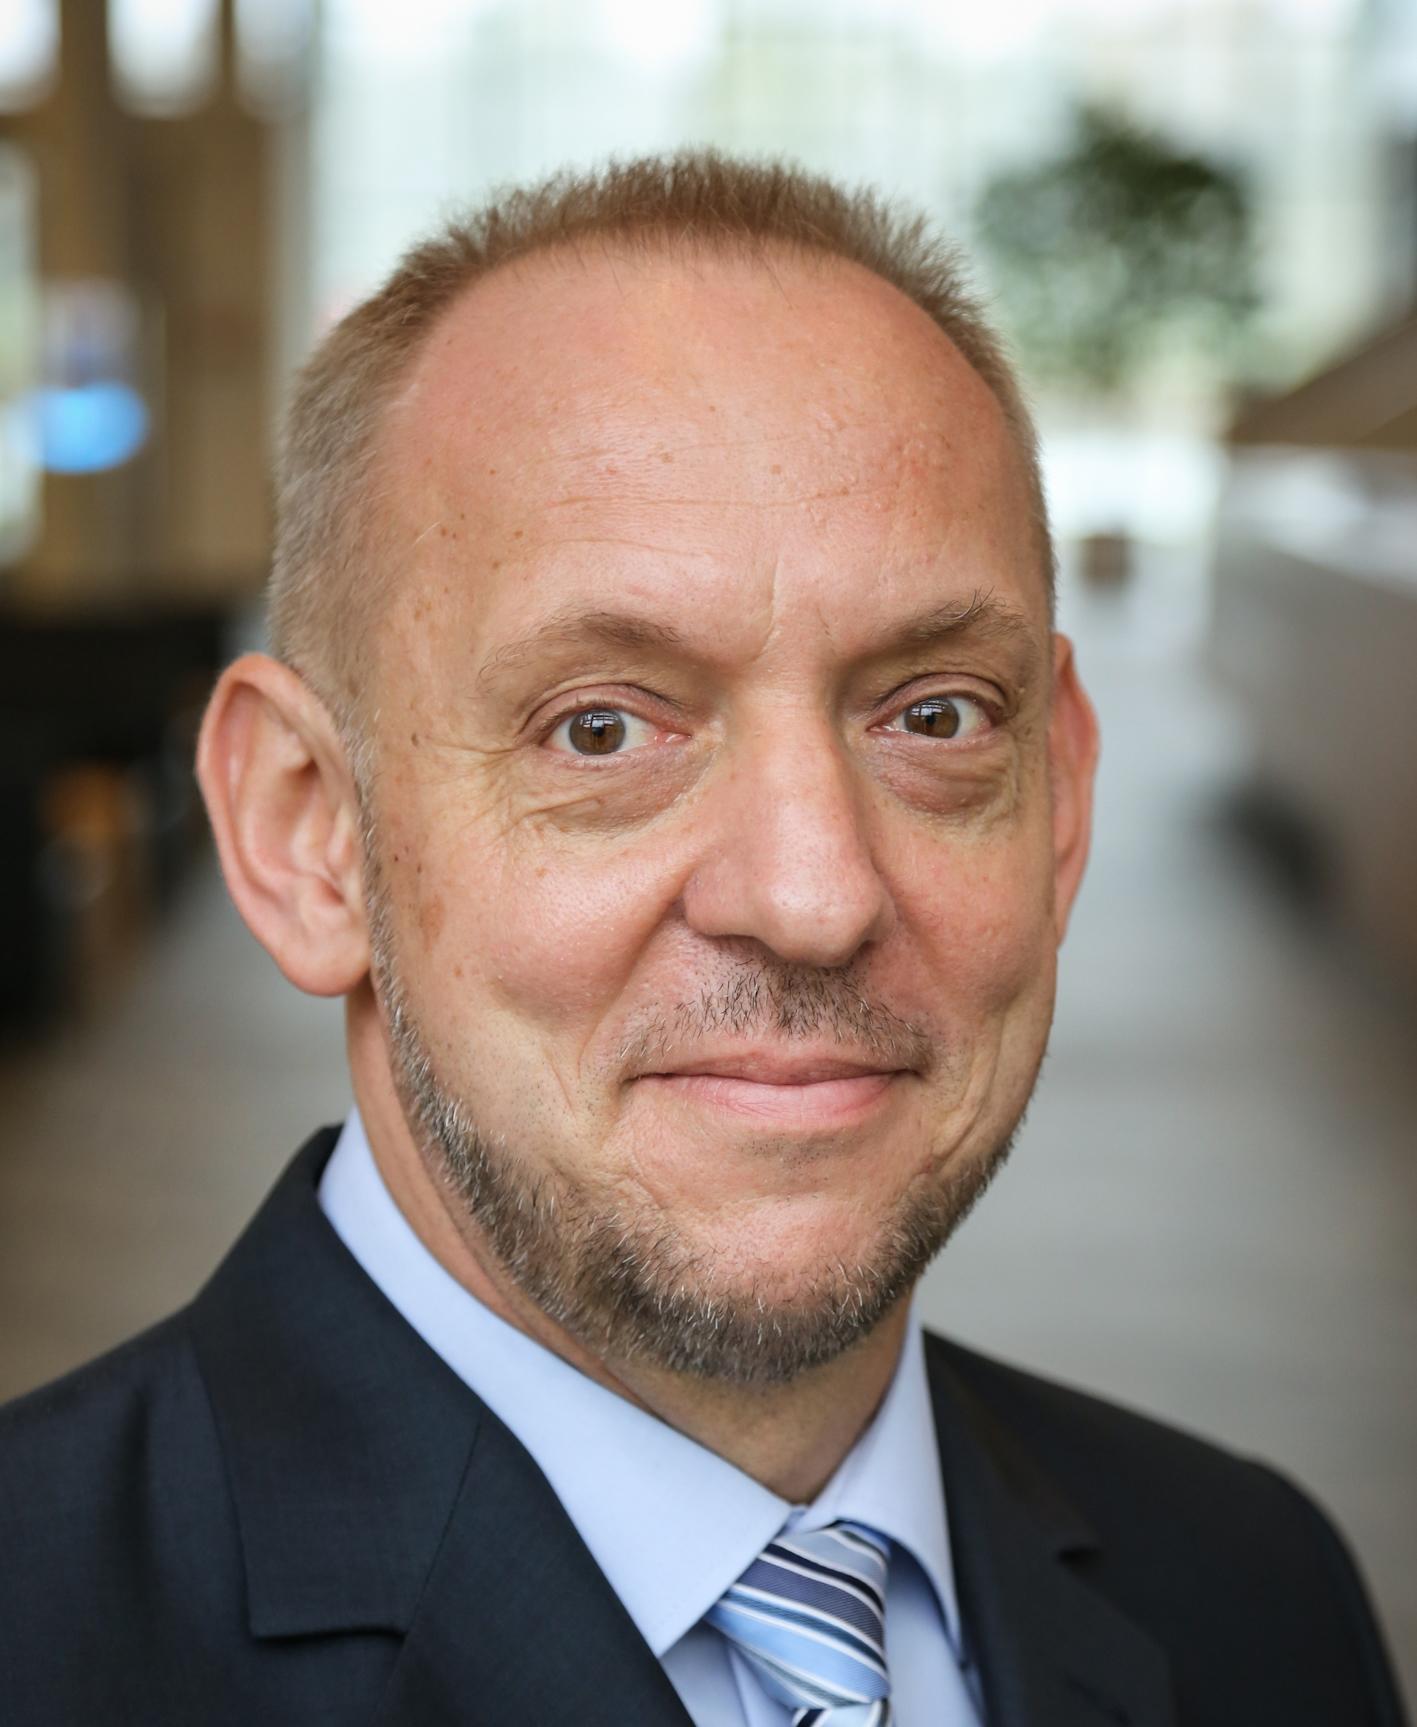 Thomas Liebetrau